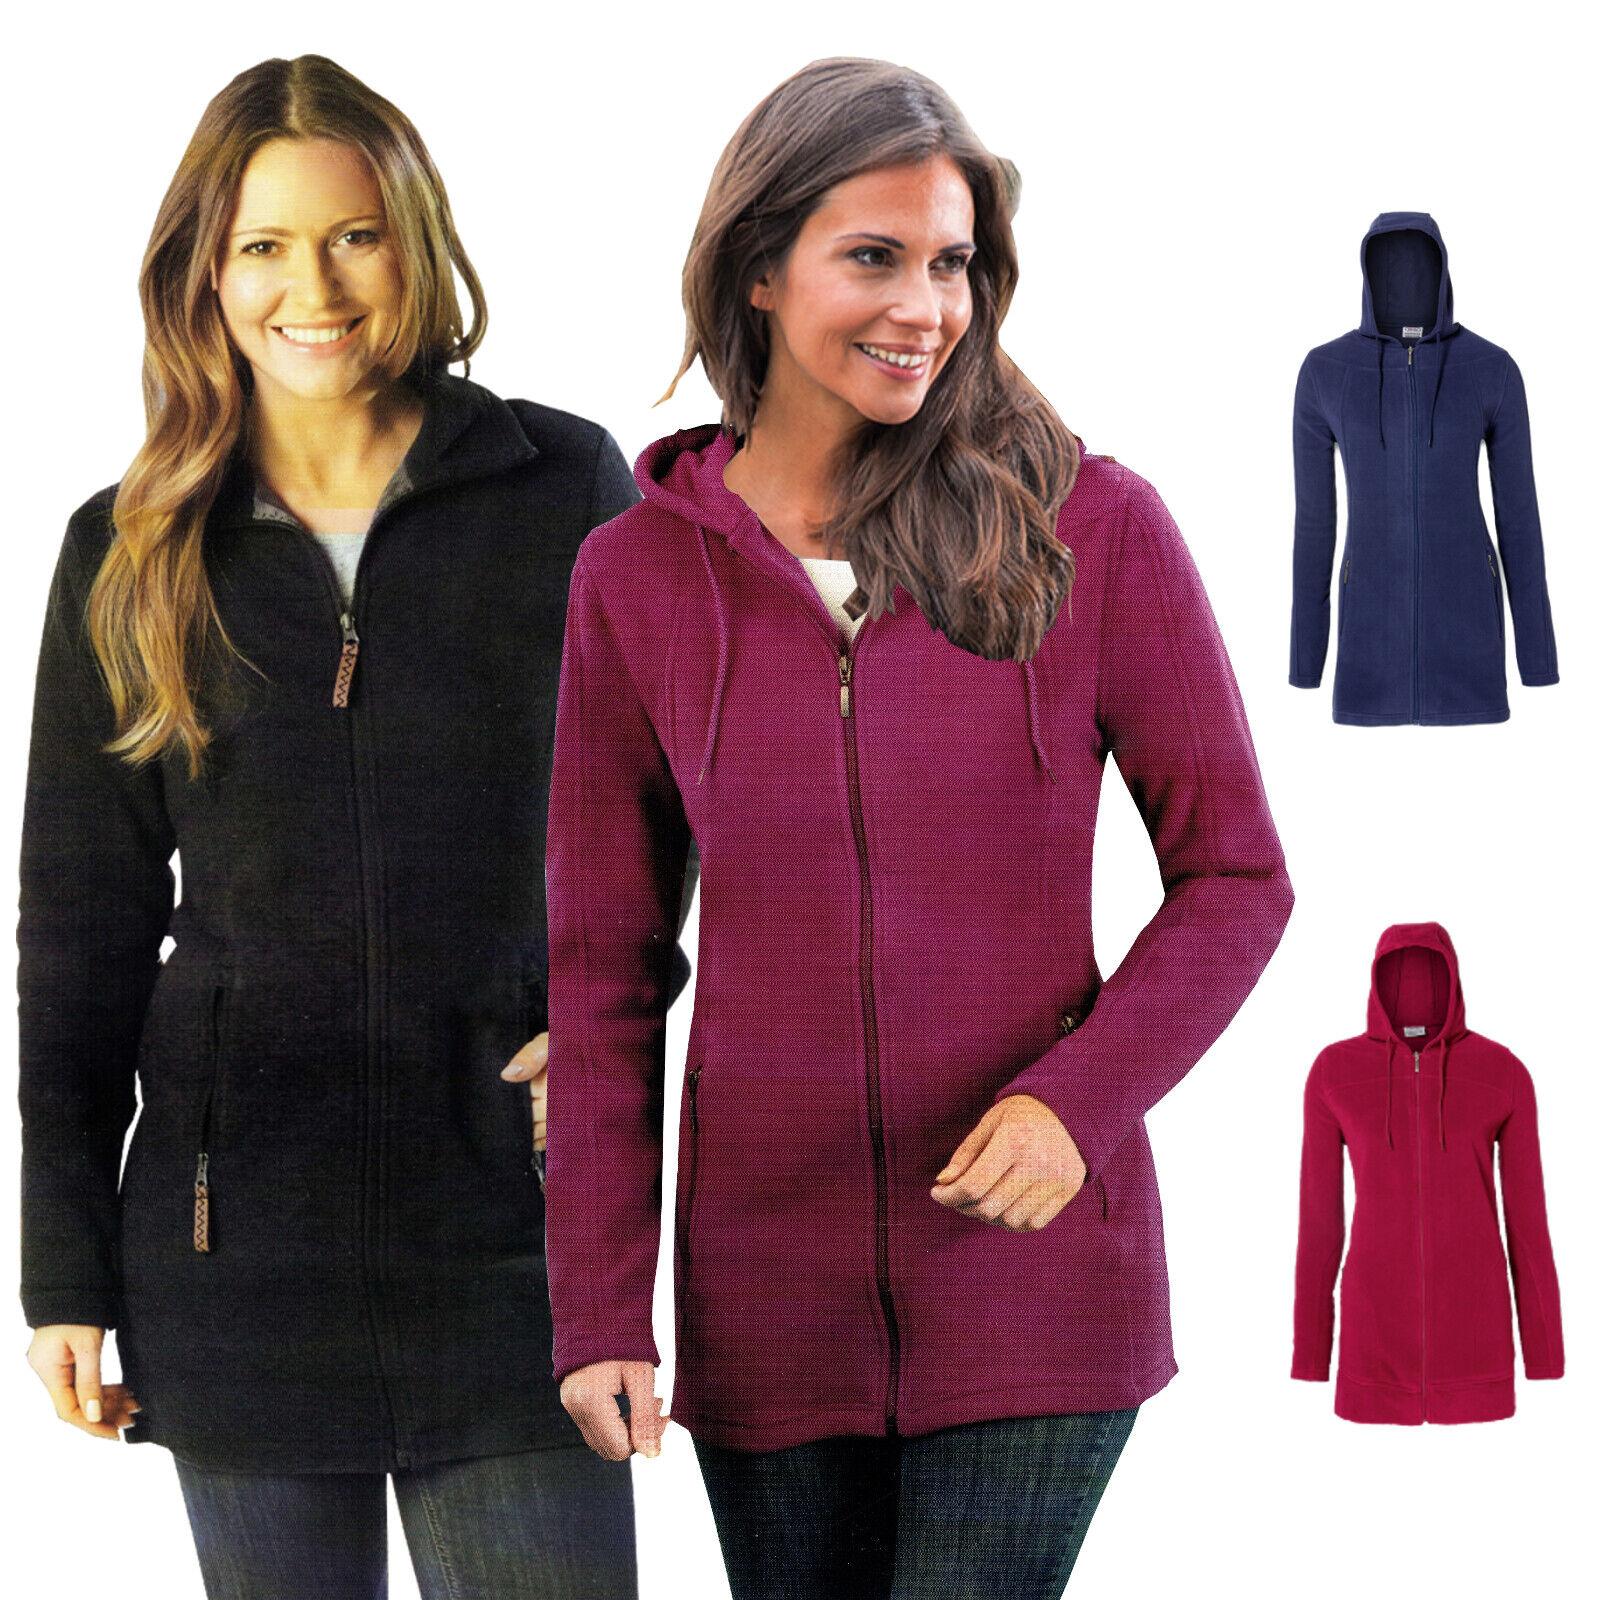 Damen Komfort Fleece-Jacke Kapuze mit Kordelzug Reißverschluss tailliert Öko-Tex